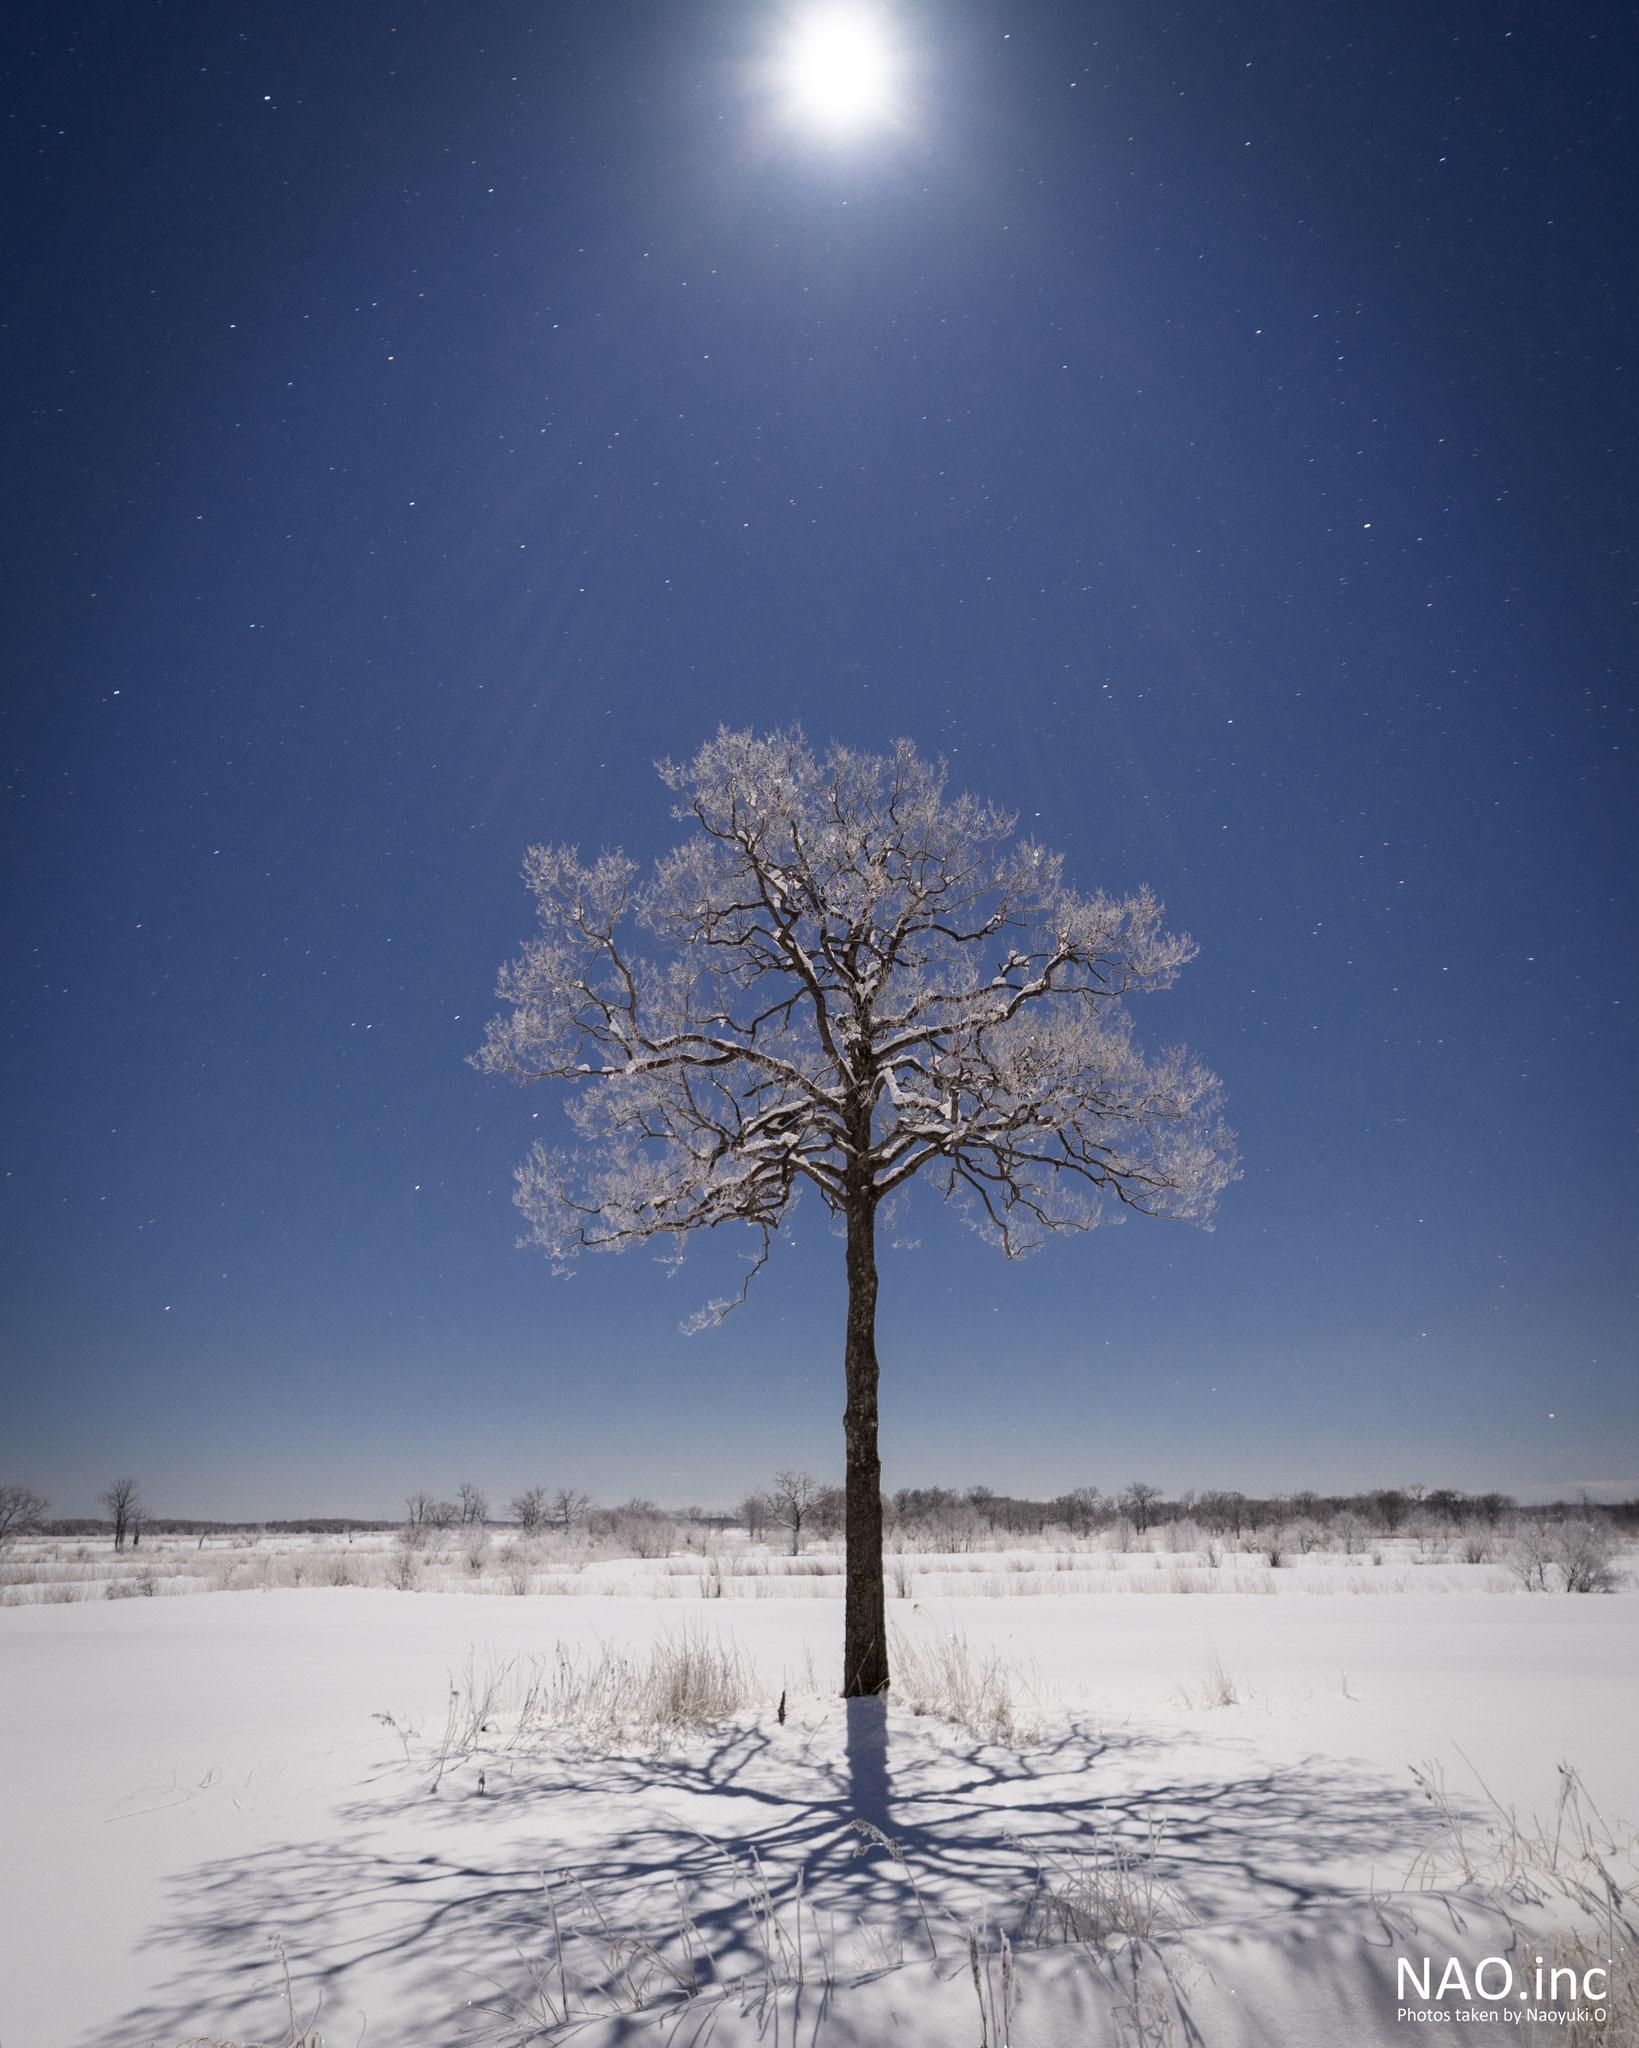 星のなる木。霧氷を月が照らして煌めく。